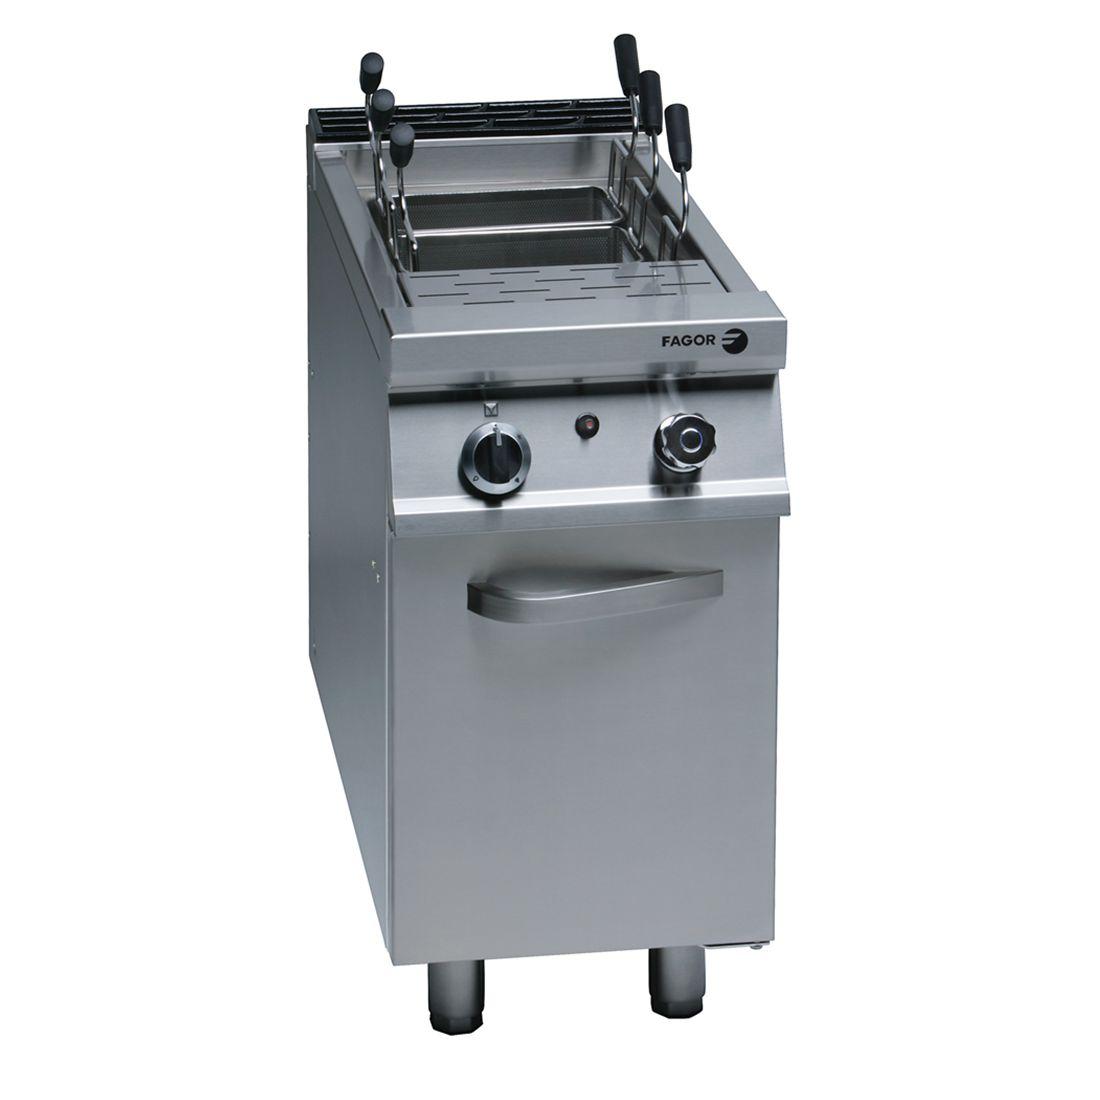 Fagor 900 series NG pasta cooker CPG9-05